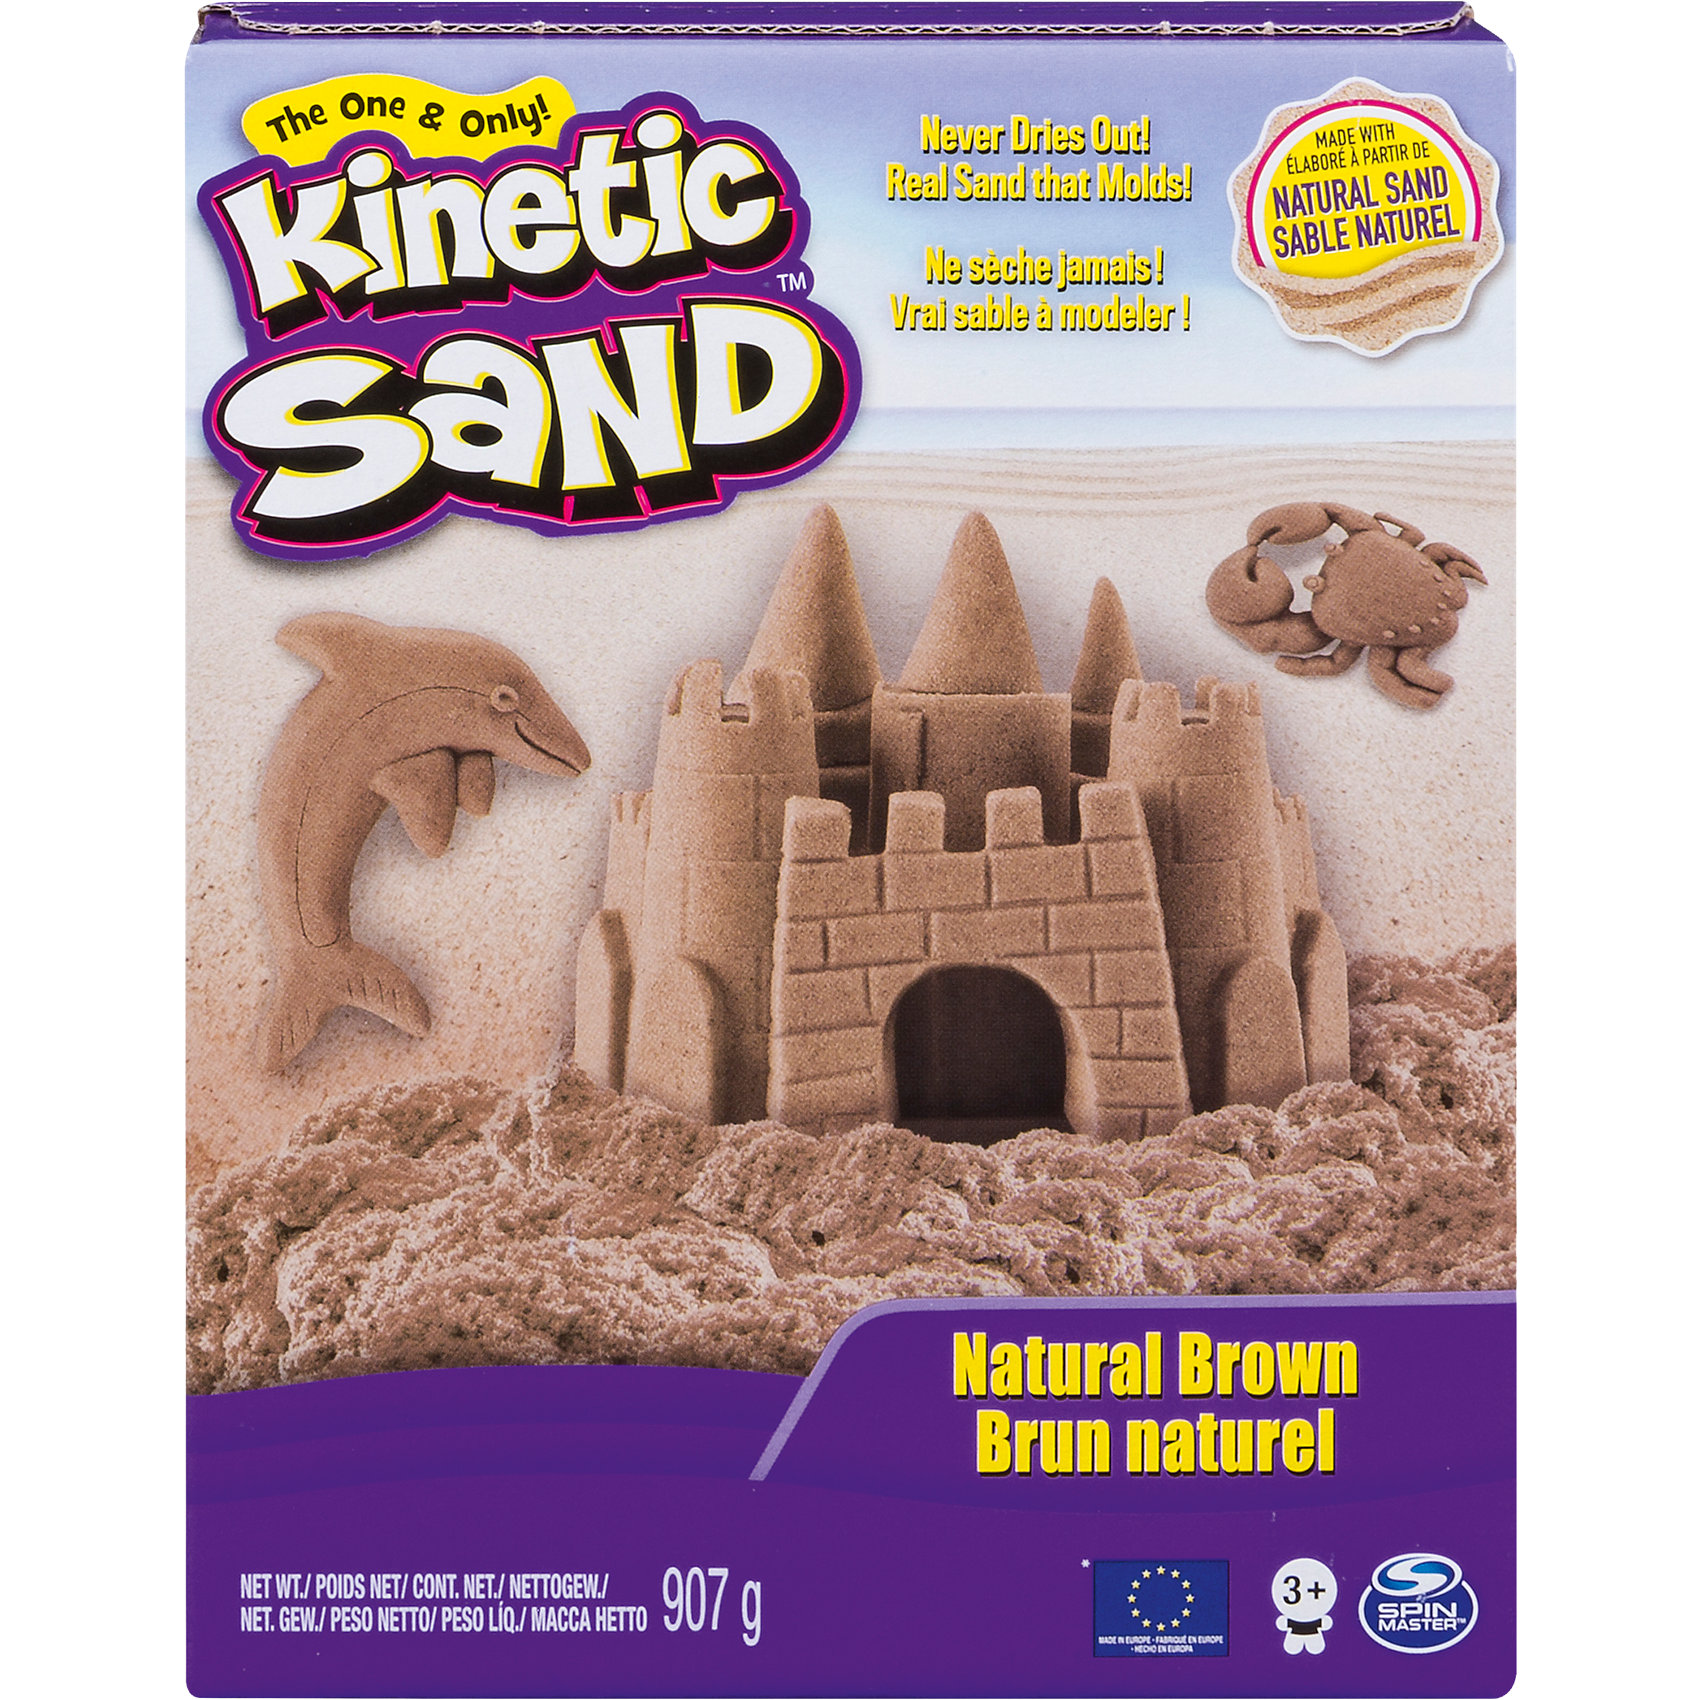 Песок для лепки коричневый, 910 гр. Kinetic sandПесок для лепки Kinetic Sand  - уникальный материал для детского творчества. Kinetic Sand представляет собой смесь чистейшего кварцевого песка (98%) и специального связующего агента (2%). По консистенции он напоминает влажный морской песок, рыхлый, течет сквозь пальцы, в то же время оставаясь сухим. За счет специального безопасного реагента песочная смесь никогда не распадается на отдельные песчинки. Кинетический песок абсолютно нетоксичен, не вызывает аллергии, в нем не заводятся бактерии и микробы. <br><br>Благодаря своим уникальным свойствам, кинетический песок предоставляет большие возможности для творчества. Из него можно лепить разнообразные фигуры, фантастические замки и необычные конструкции. С помощью обыкновенных формочек для пластилина или печенья можно вылепить что угодно, создавая целые композиции. Песок легко принимает нужную форму и становится плотным при лепке. Kinetic Sand не сохнет, легко собирается с поверхности и играть с ним можно снова и снова.<br><br>Игры с кинетическим песком развивают мелкую моторику, чувственное восприятие и креативность, прекрасно снимают стресс и обладает терапевтическим эффектом. <br><br>Дополнительная информация:<br><br>- Комплект: кинетический песок (910 гр.).<br>- Цвет: коричневый.<br>- Состав песка: 98% кварцевого песка, 2%  связующего агента.<br>- Размер упаковки: 19,5 х 6,5 х 11 см.<br>- Вес с упаковкой: 0,985 кг.<br><br>Песок для лепки Kinetic Sand можно купить в нашем интернет-магазине.<br><br>Ширина мм: 196<br>Глубина мм: 95<br>Высота мм: 67<br>Вес г: 935<br>Возраст от месяцев: 36<br>Возраст до месяцев: 72<br>Пол: Унисекс<br>Возраст: Детский<br>SKU: 3746039